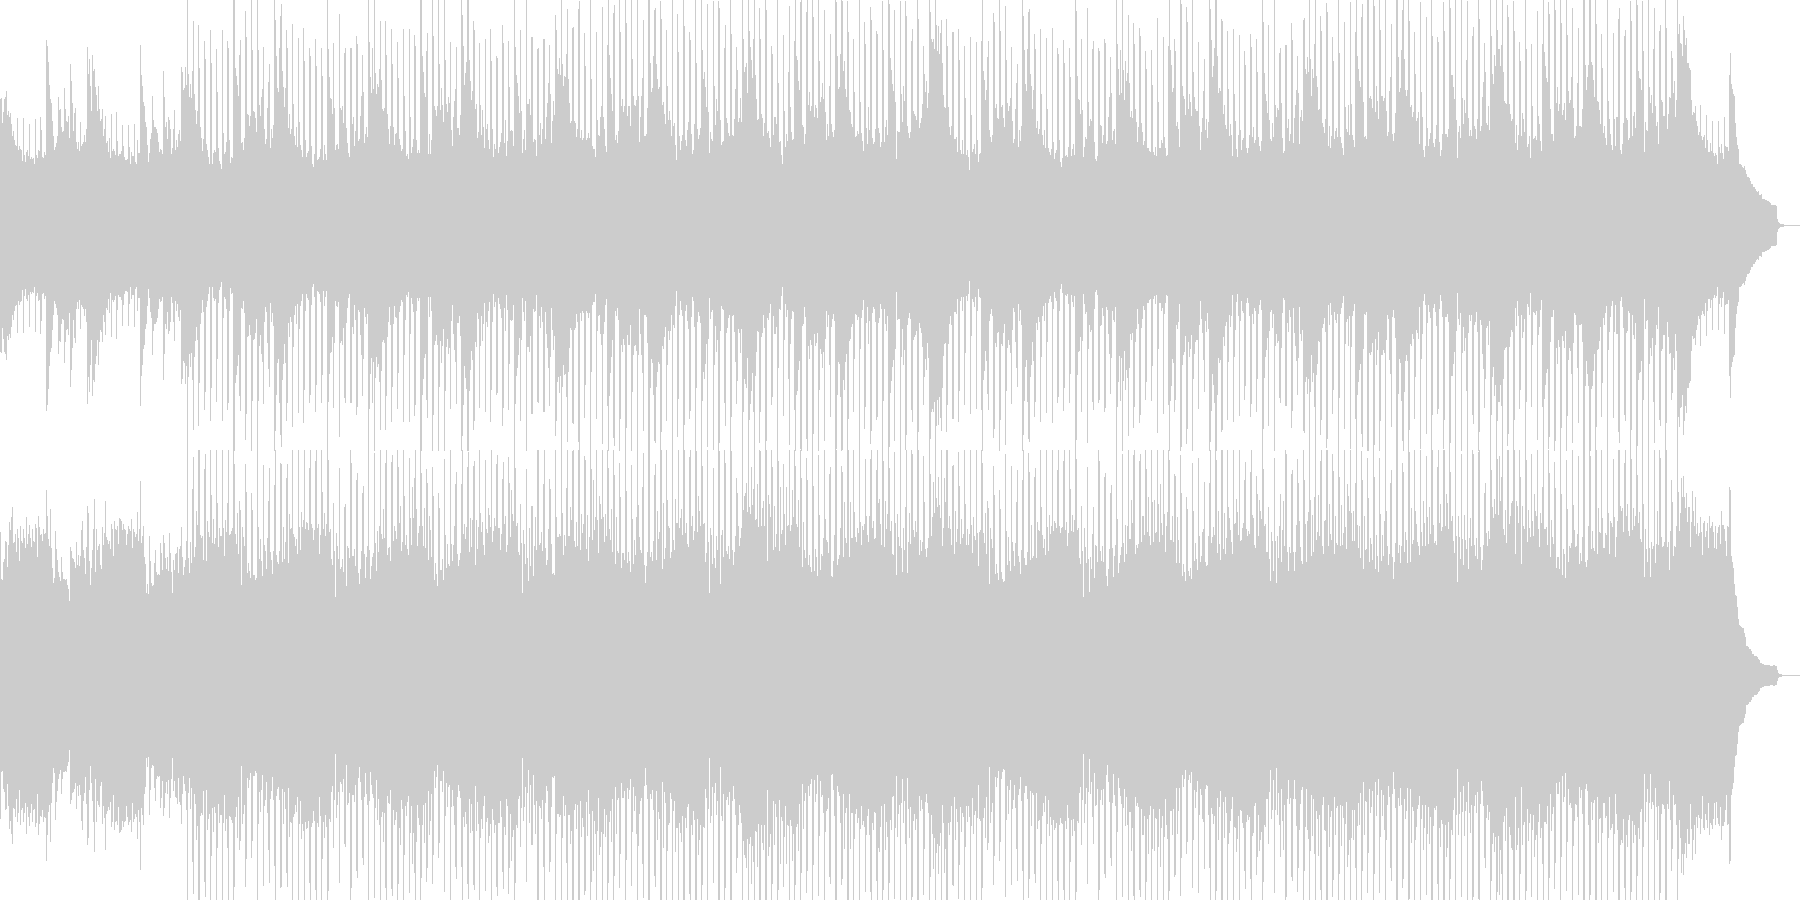 企業VP系52、爽やかピアノ4つ打ちaの未再生の波形